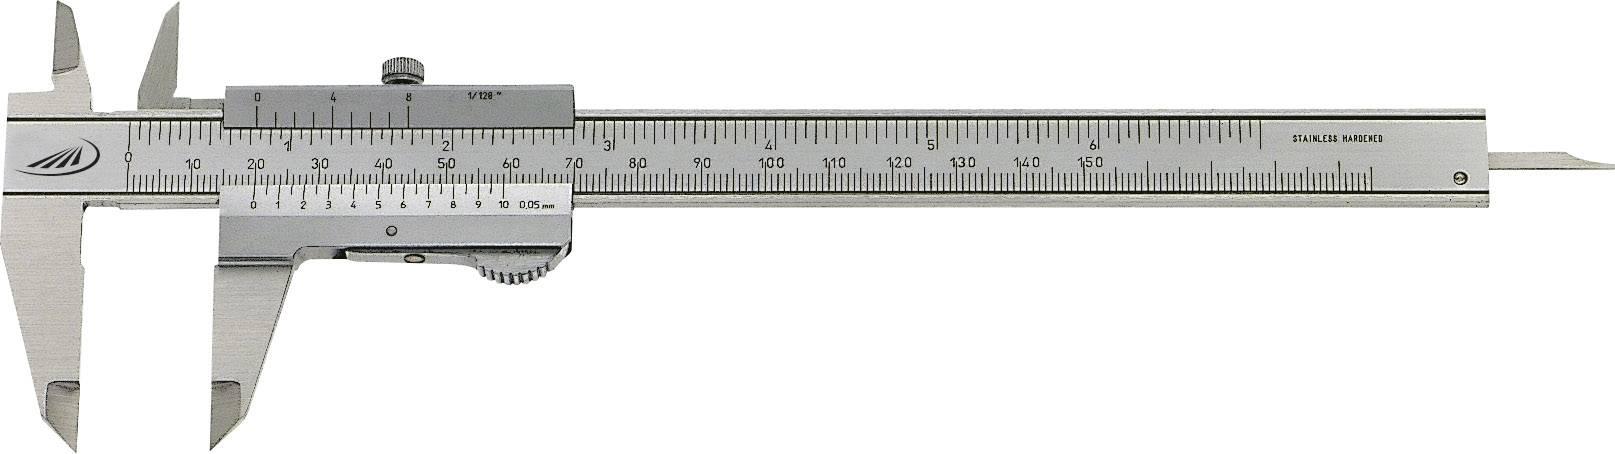 Kapesní posuvné měřítko Helios Preisser Duo Fix 0190 501, měřicí rozsah 150 mm, Kalibrováno dle bez certifikátu